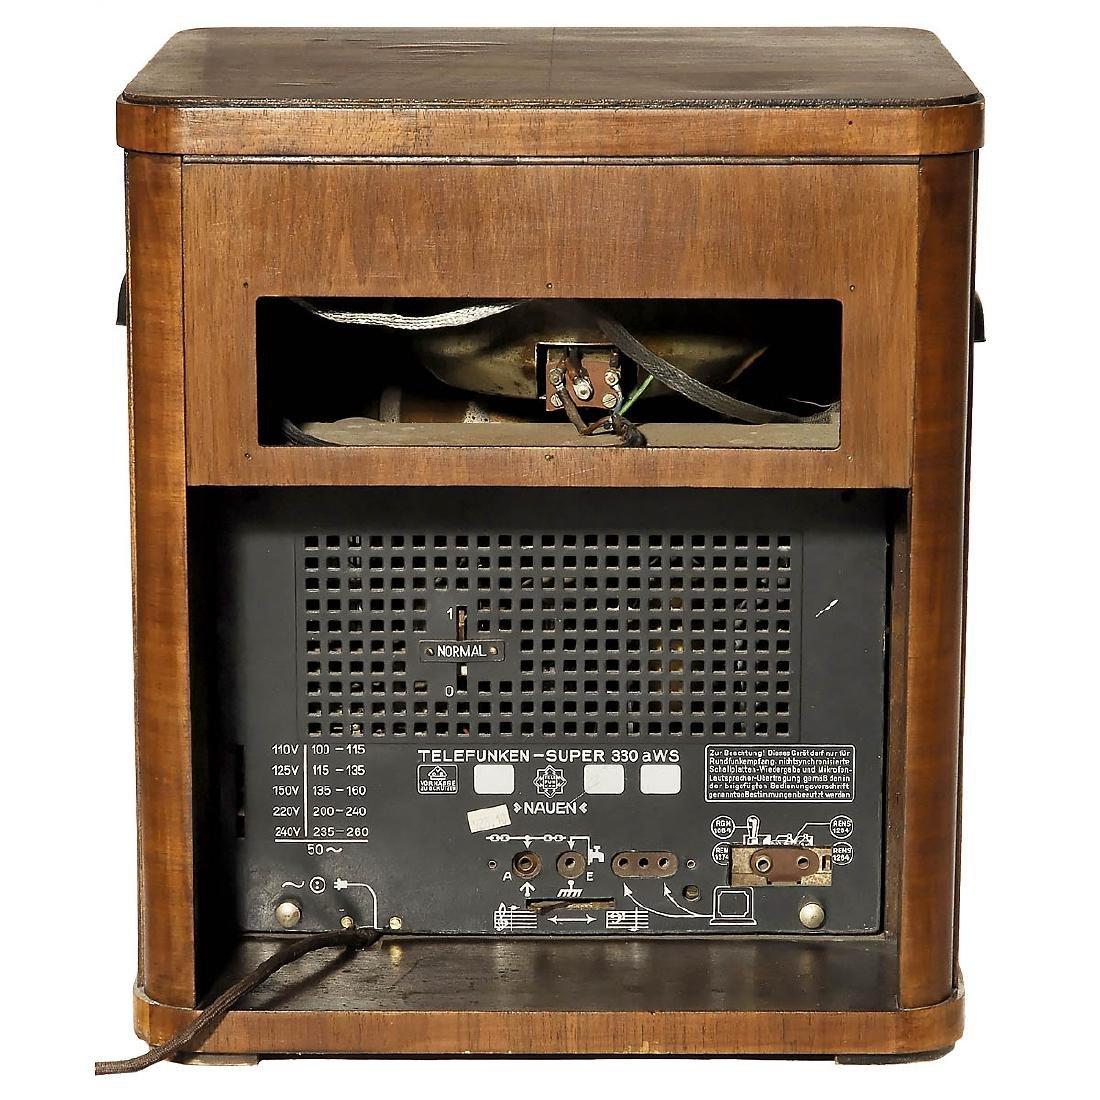 Telefunken-Super 330 aWS - Nauen Radio, 1934 - 2